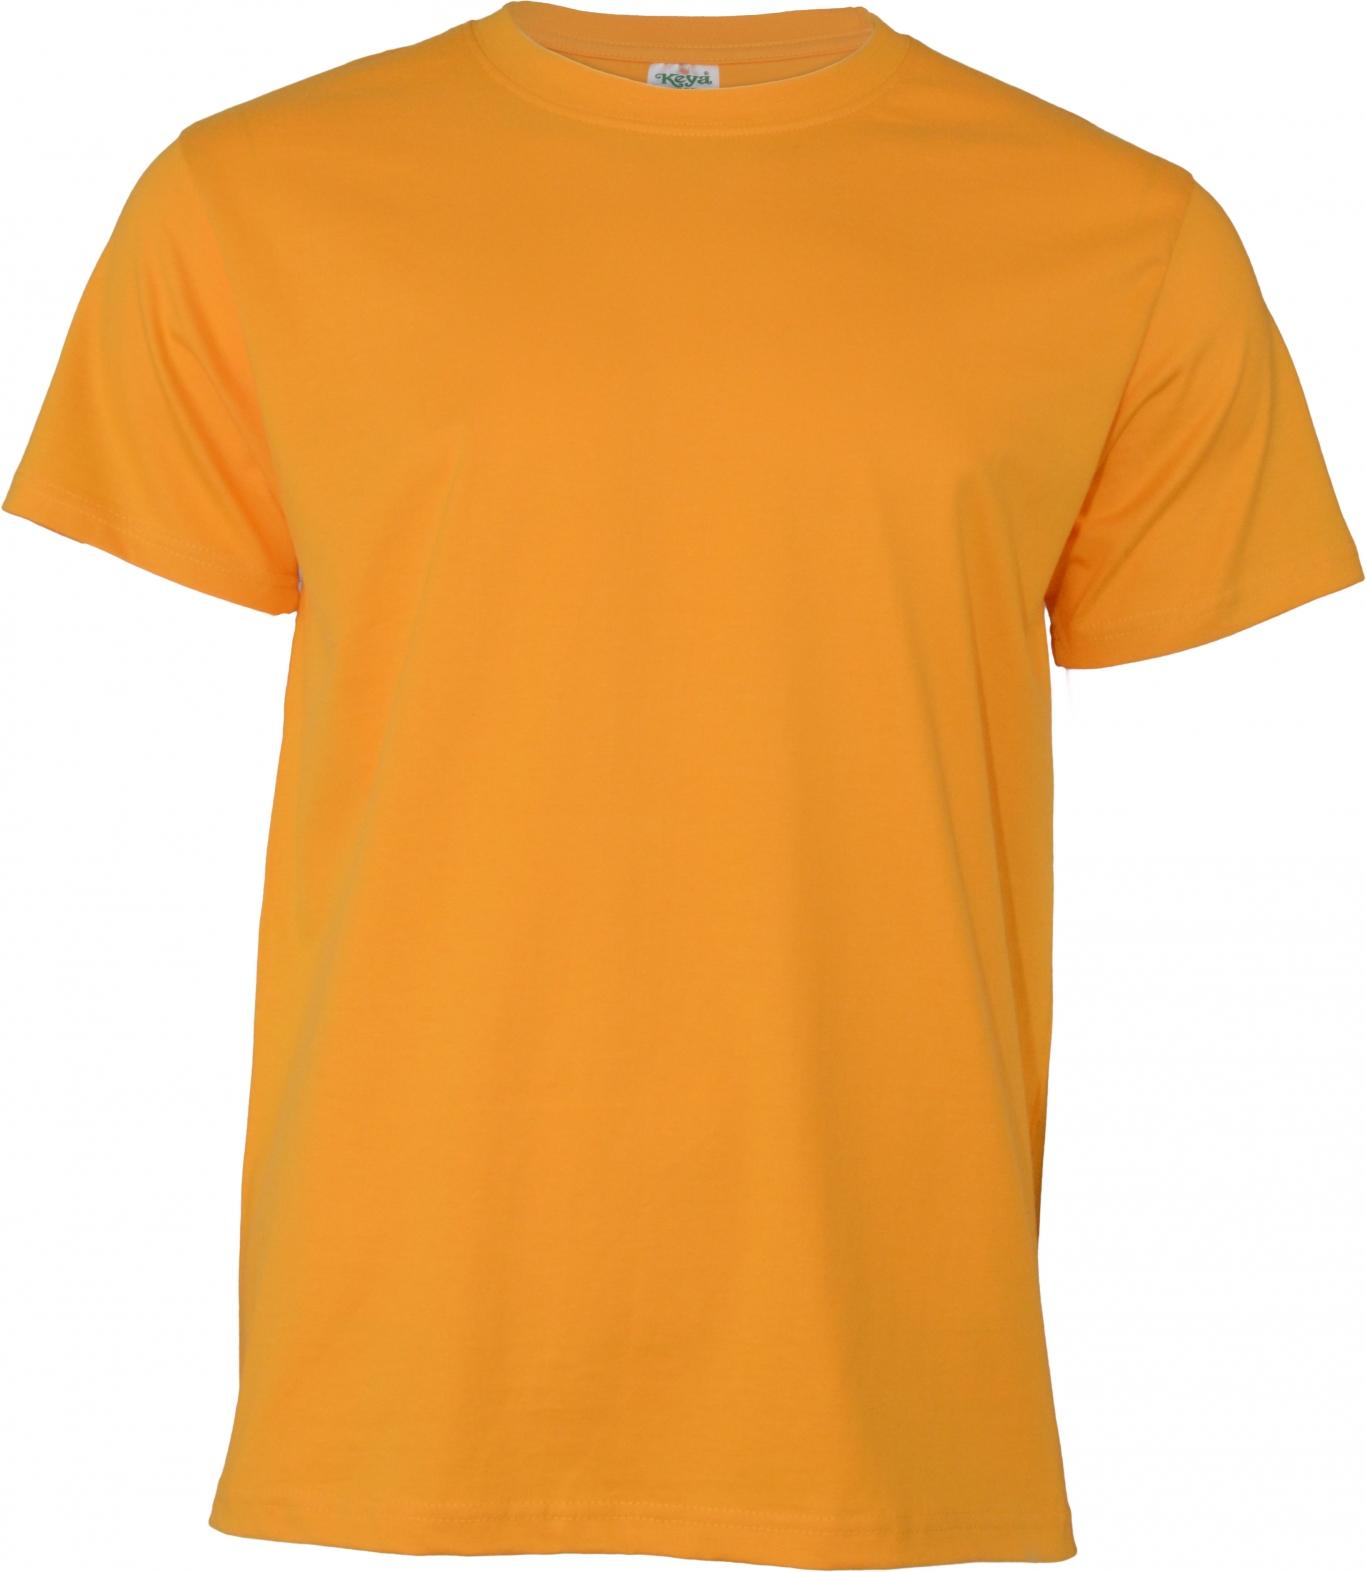 póló készítés olcsón